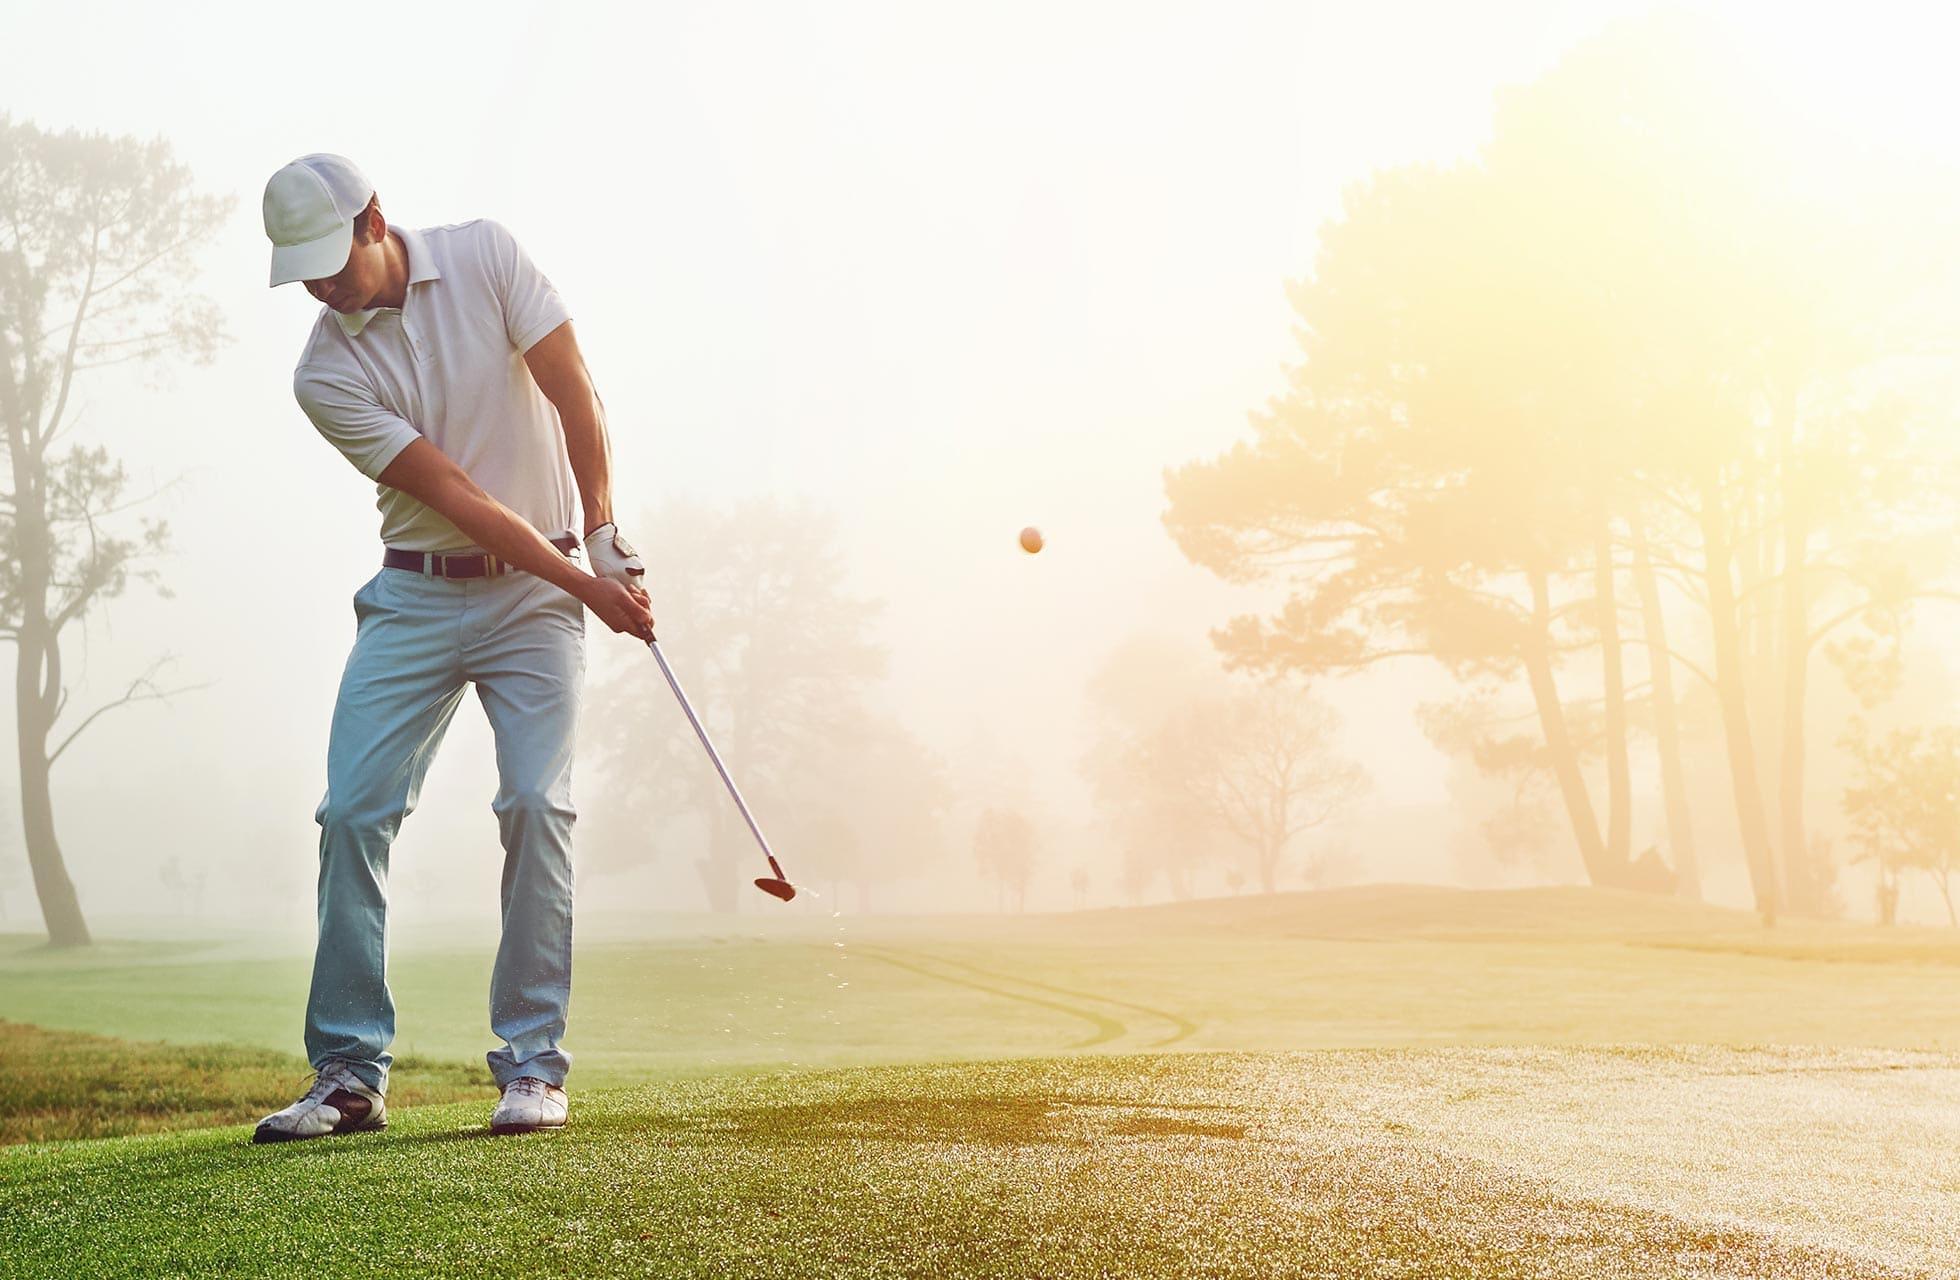 Belastung des Rückens beim Golfspielen